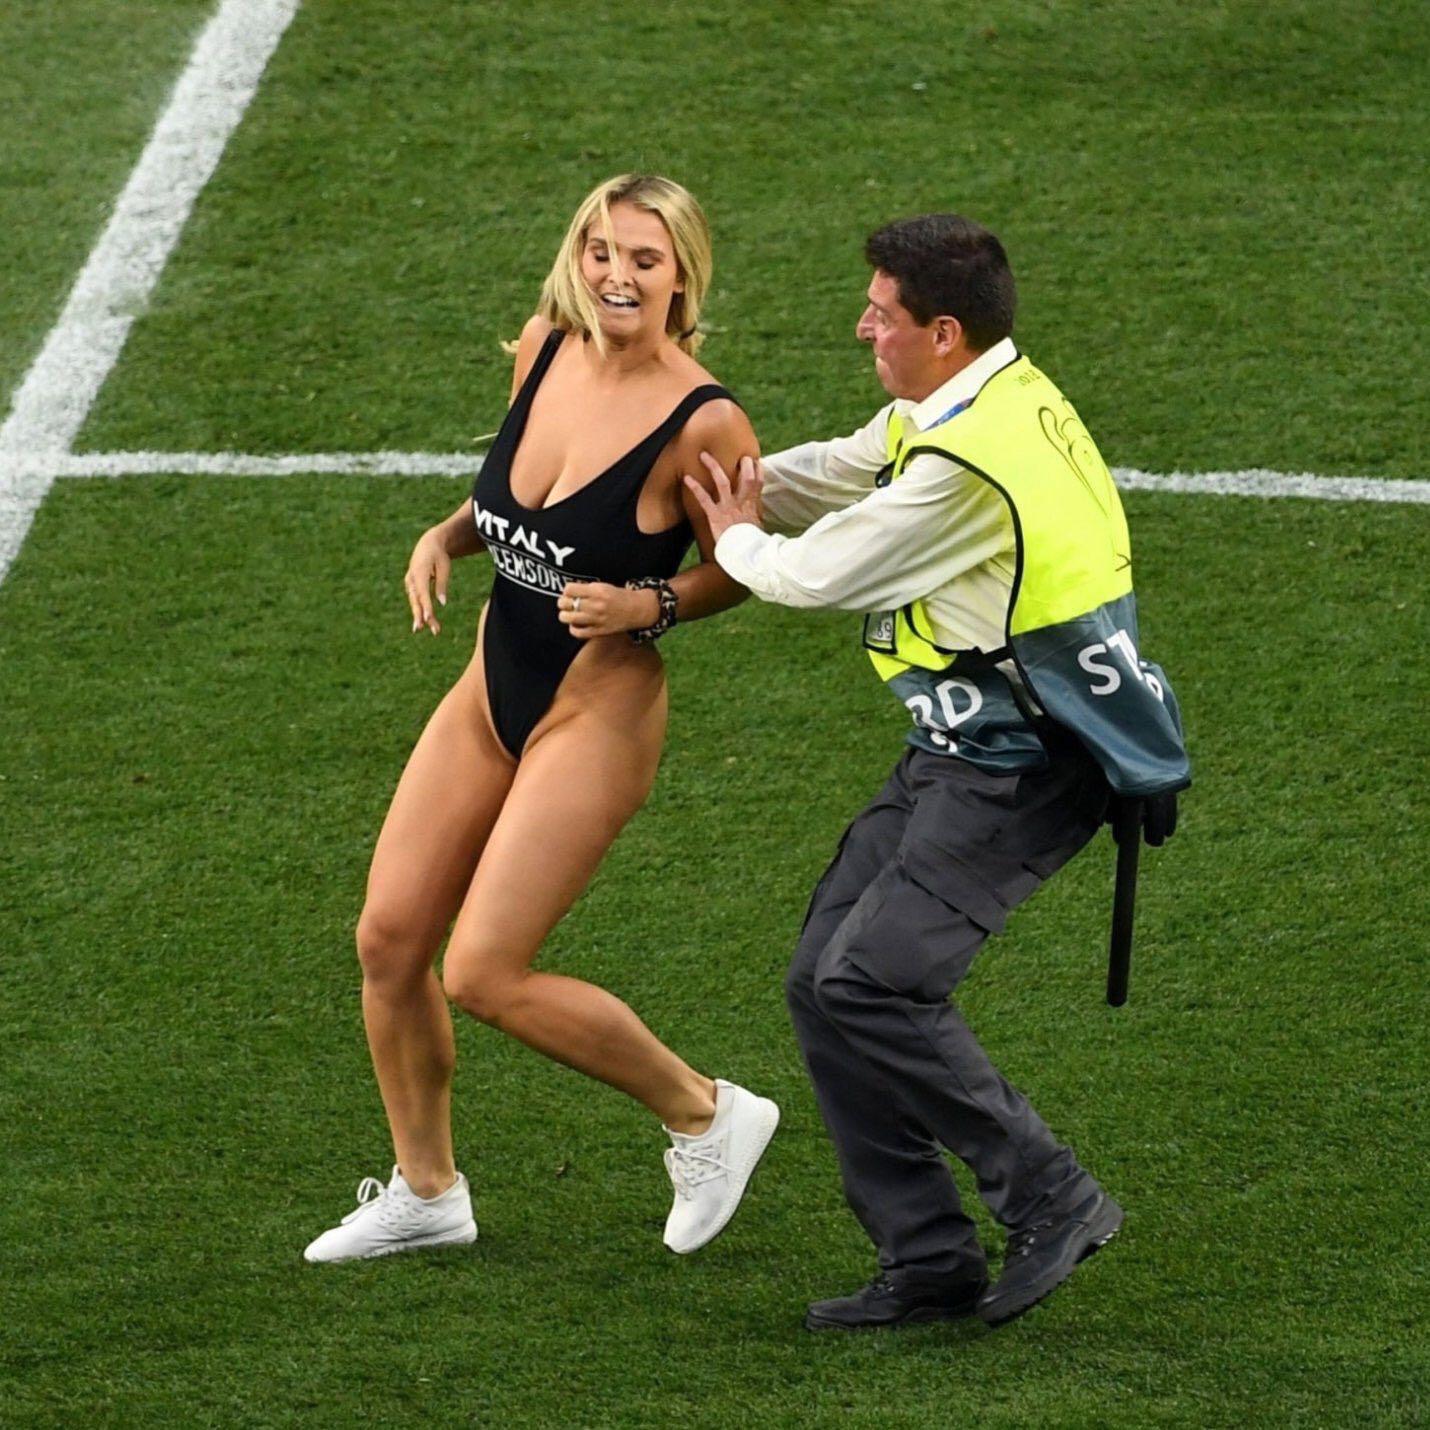 """图片[4]-欧冠决赛,高叉泳装女球迷闯入球场,大家看了一场假""""球""""-福利巴士"""